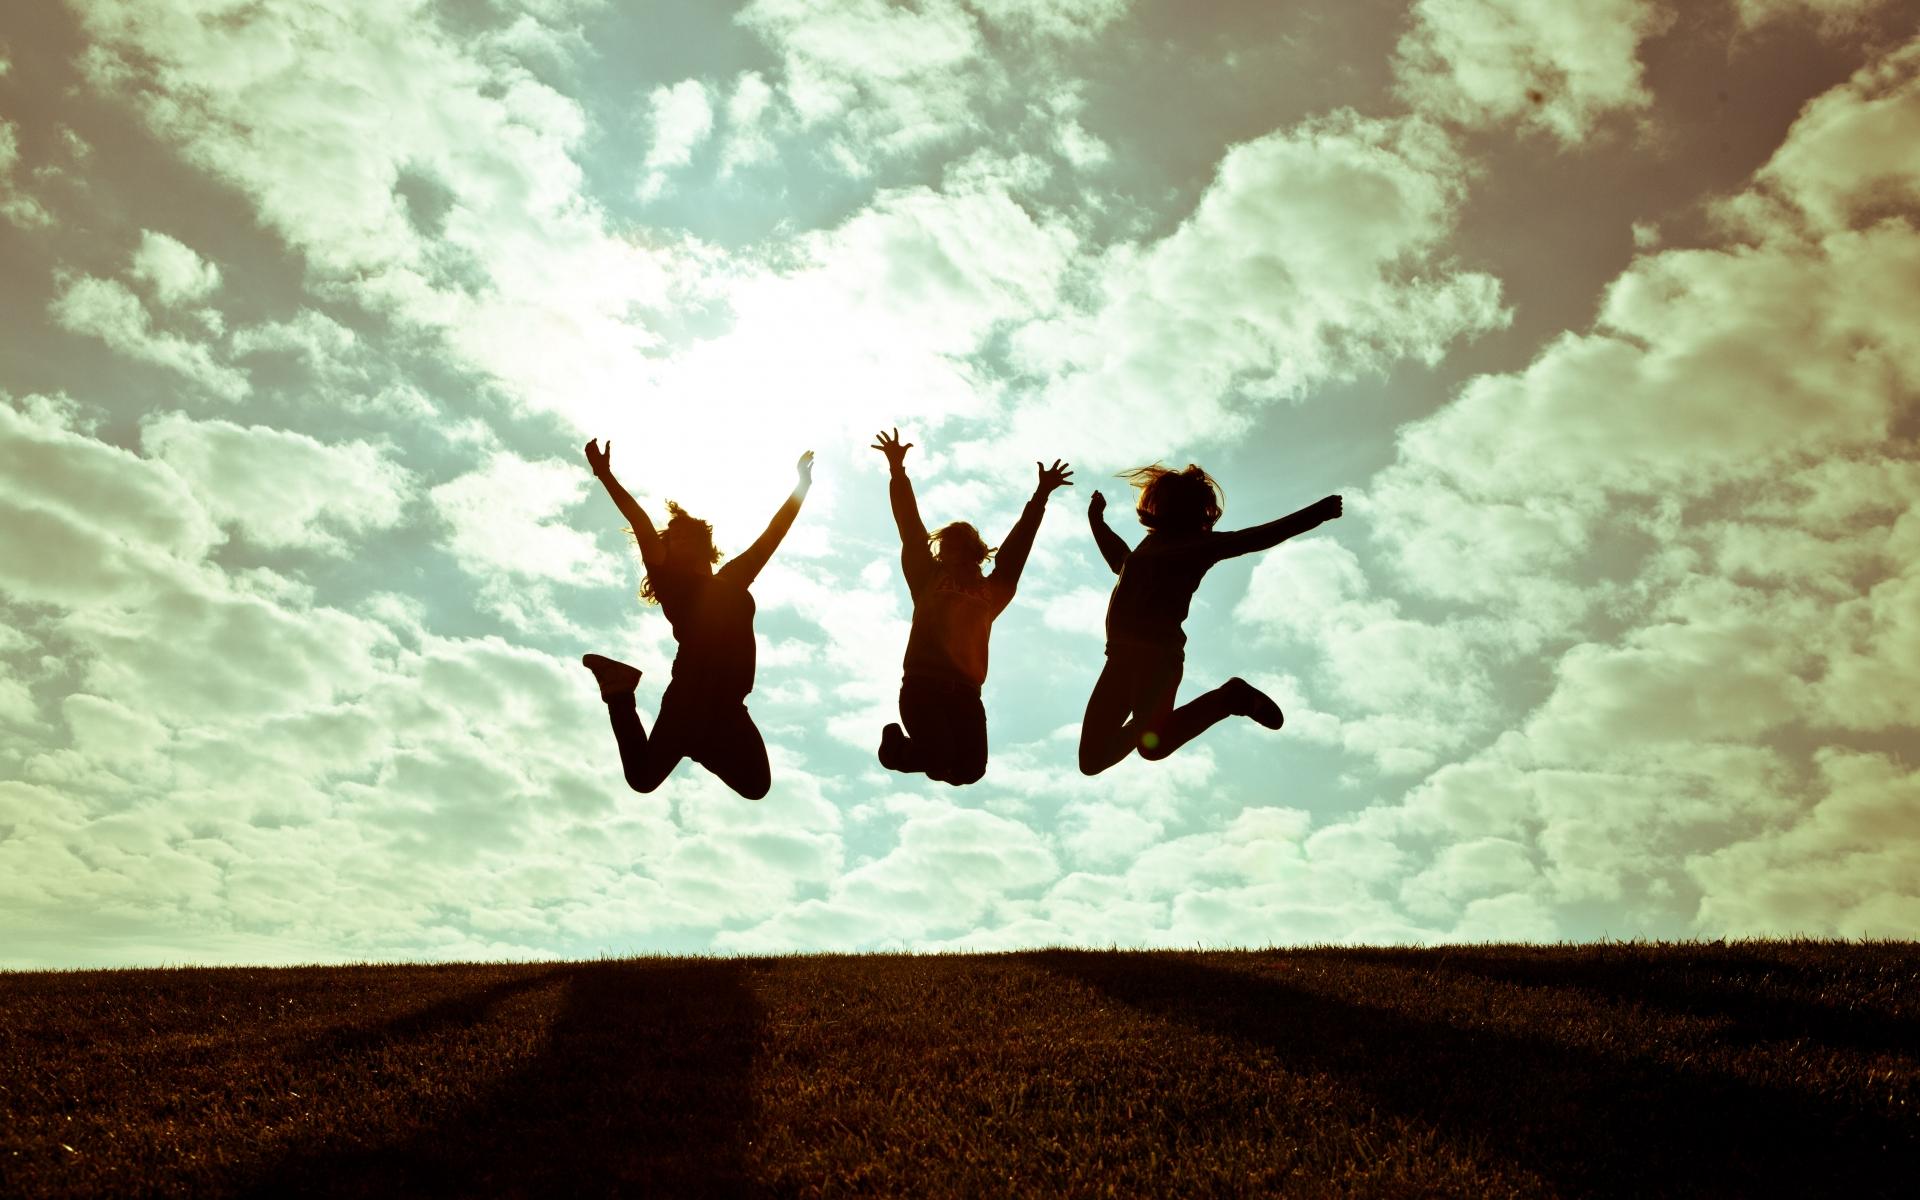 Chicas saltando - 1920x1200